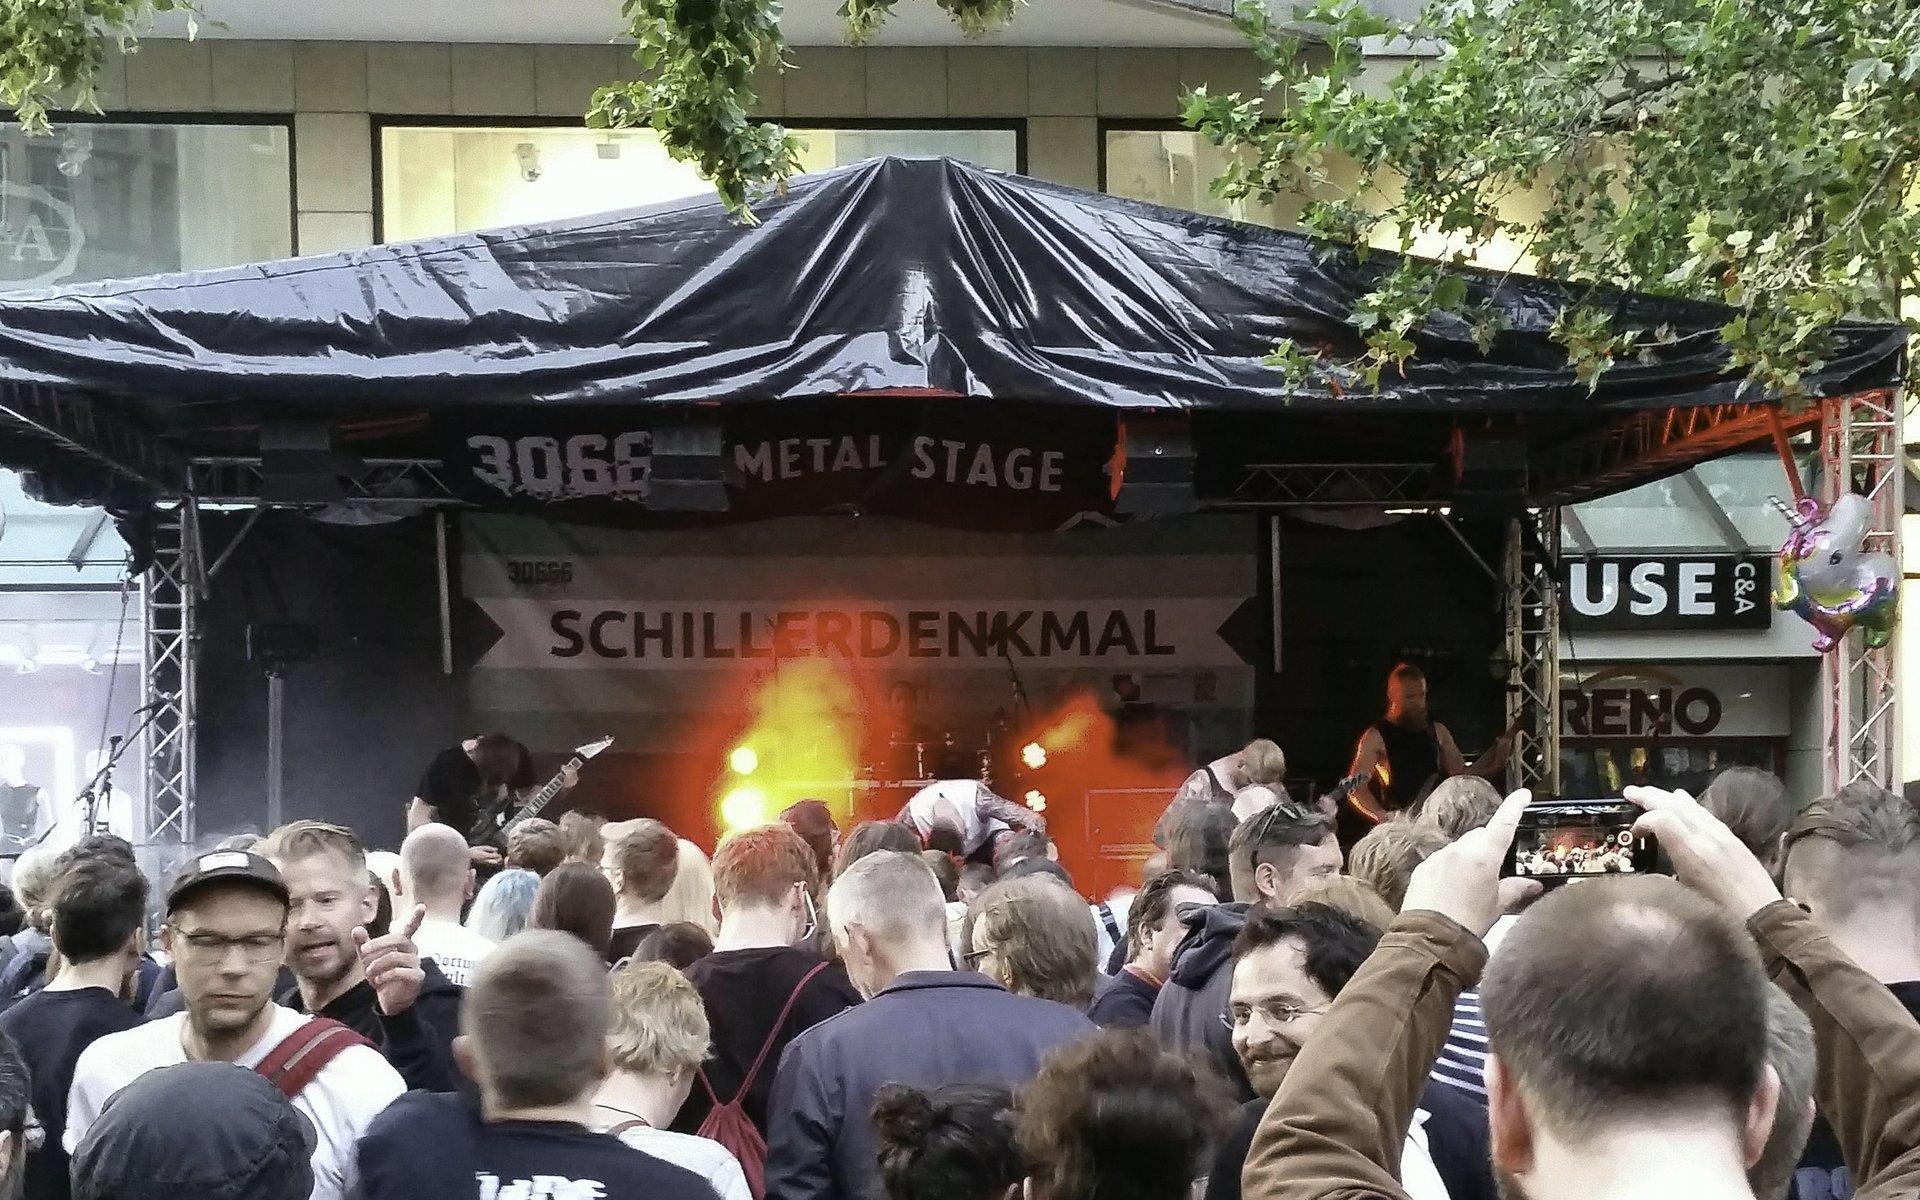 Controversial auf der 30666-Bühne am Schillerdenkmal